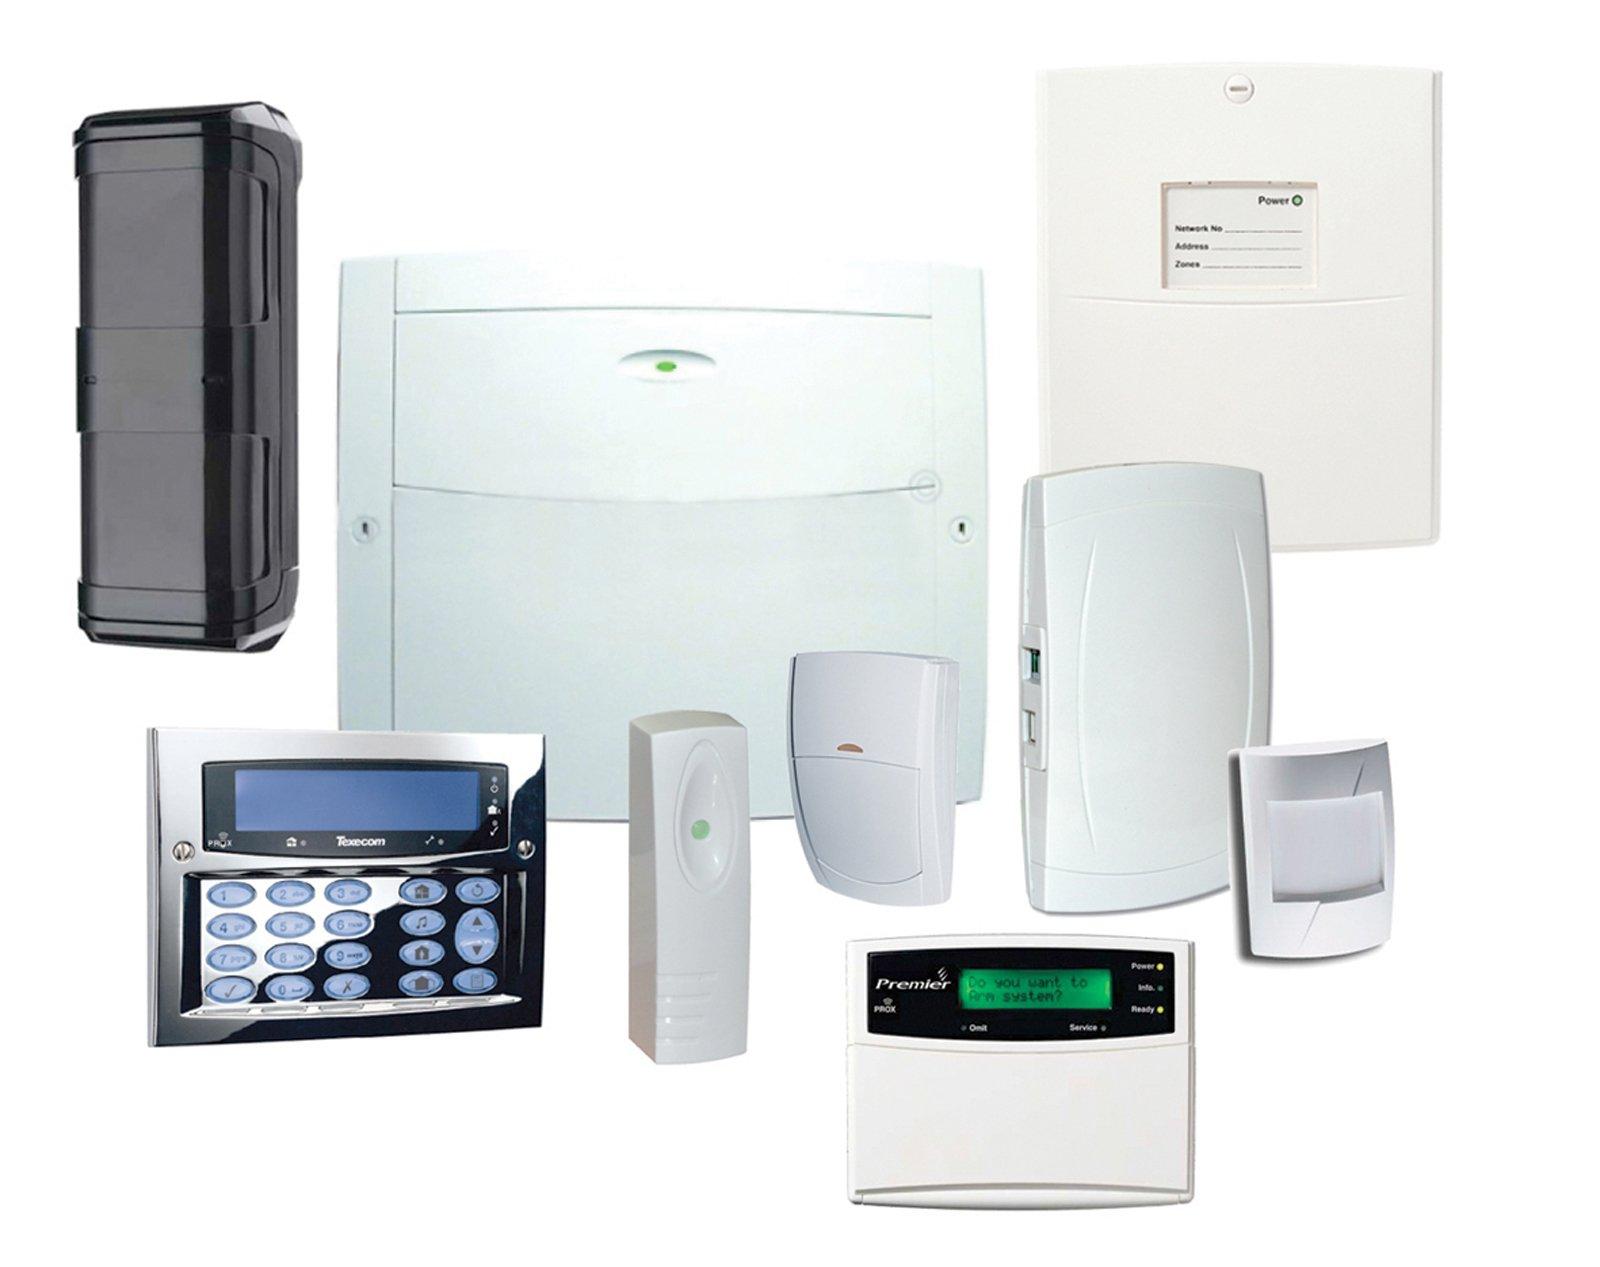 Allarmi per sentirsi protetti in casa cose di casa - Costo impianto allarme casa ...